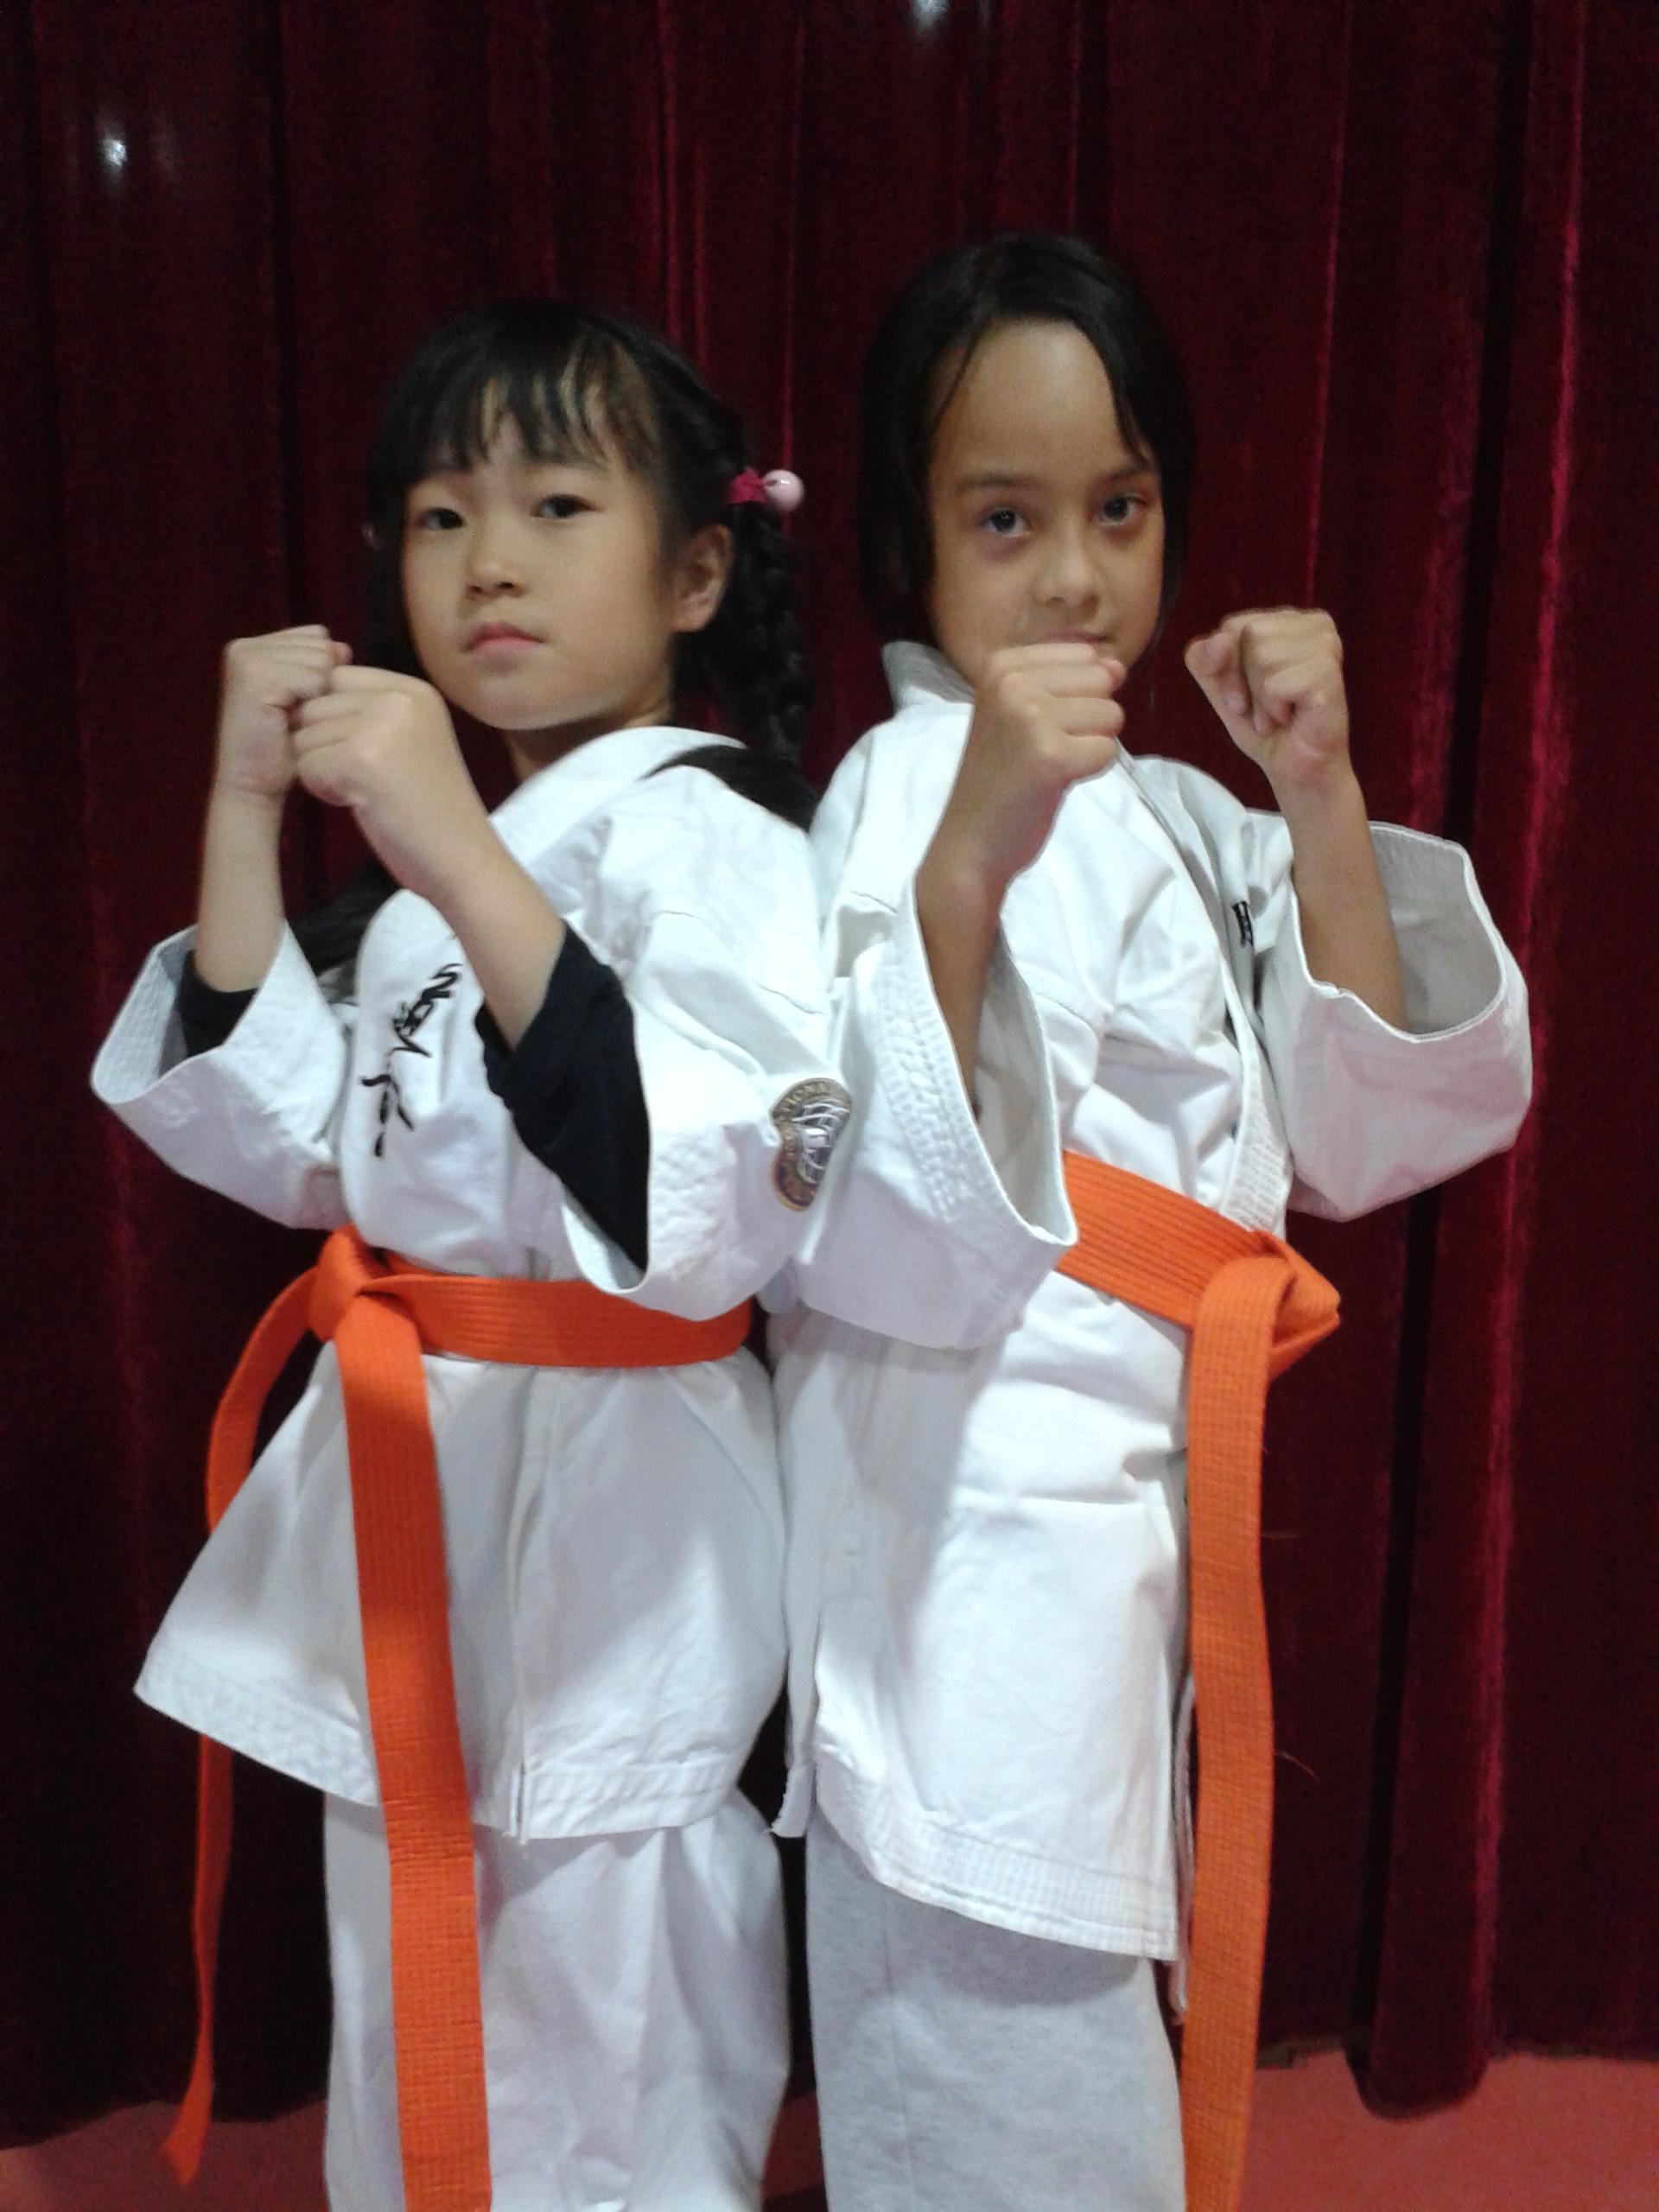 想给孩子参加个跆拳道班,有必要吗?主要有什么作用